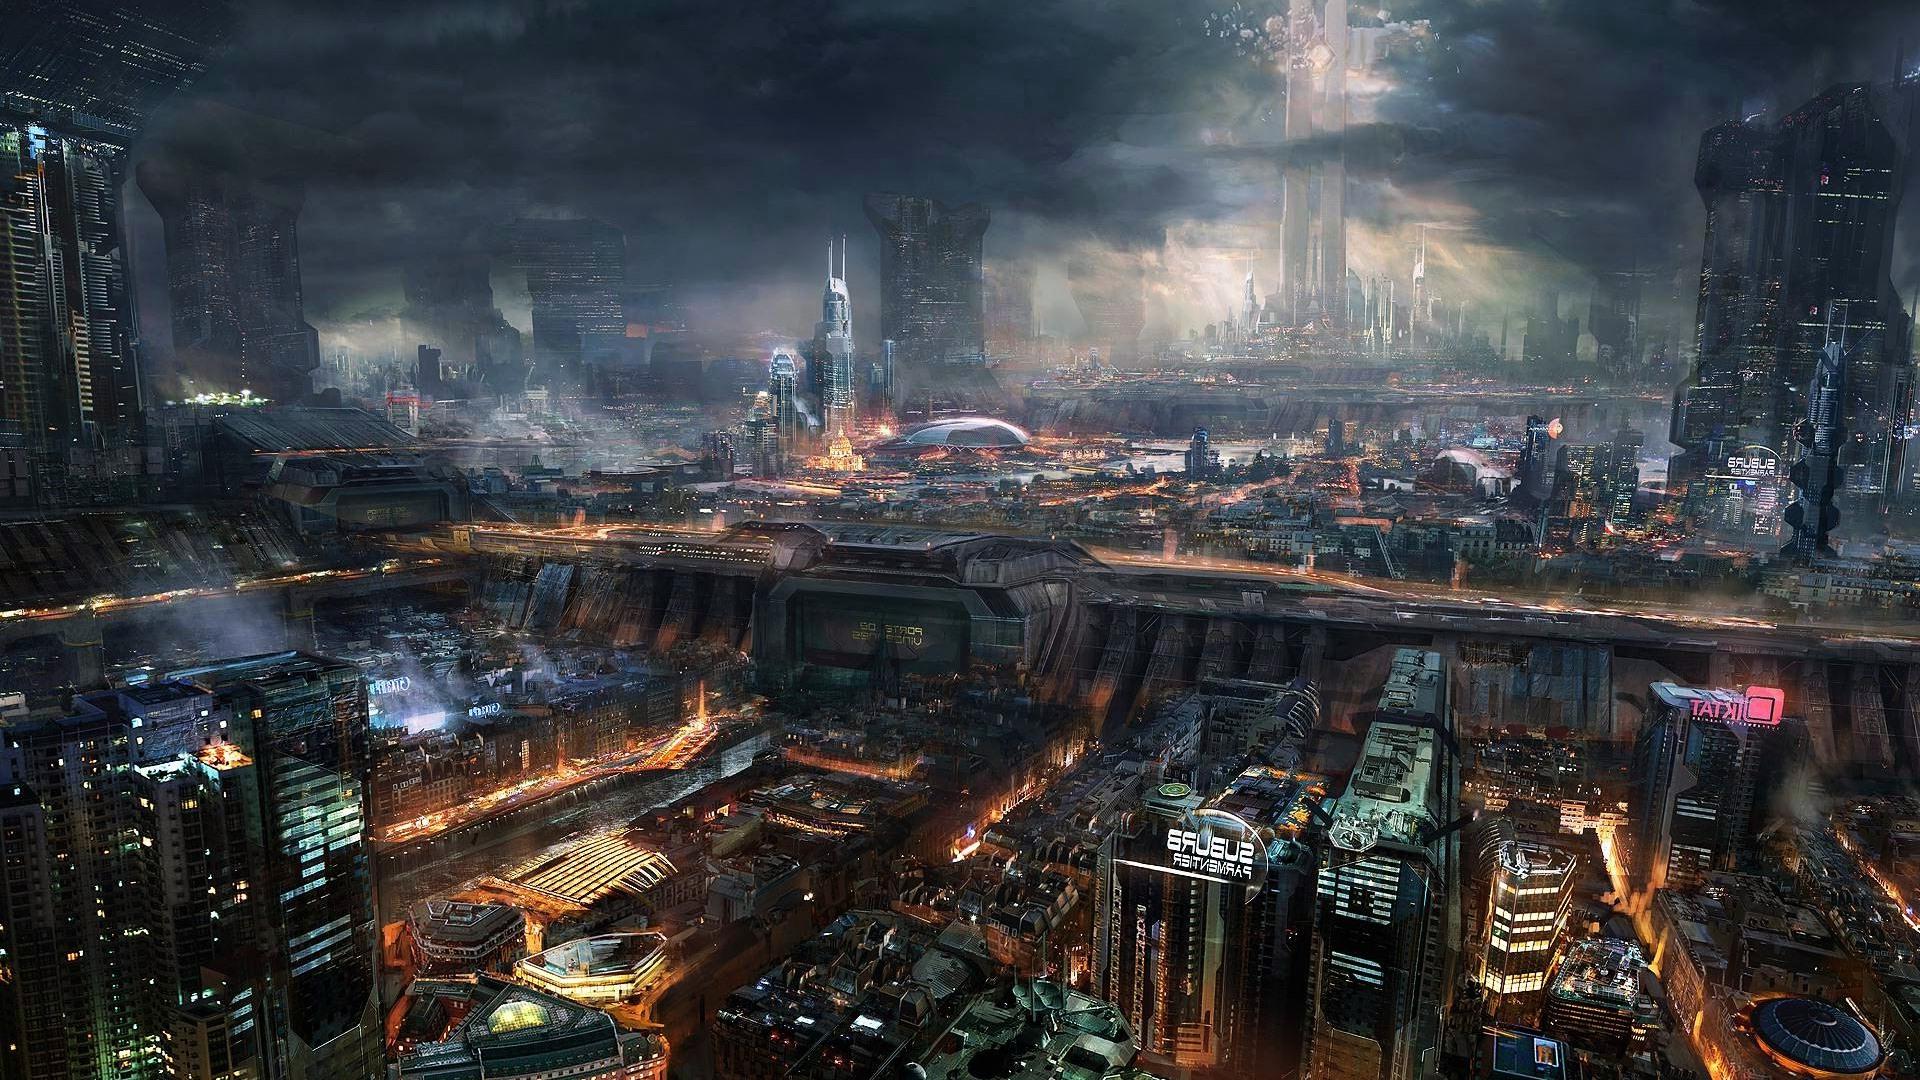 Cyberpunk Backgrounds on Wallpapers Vista